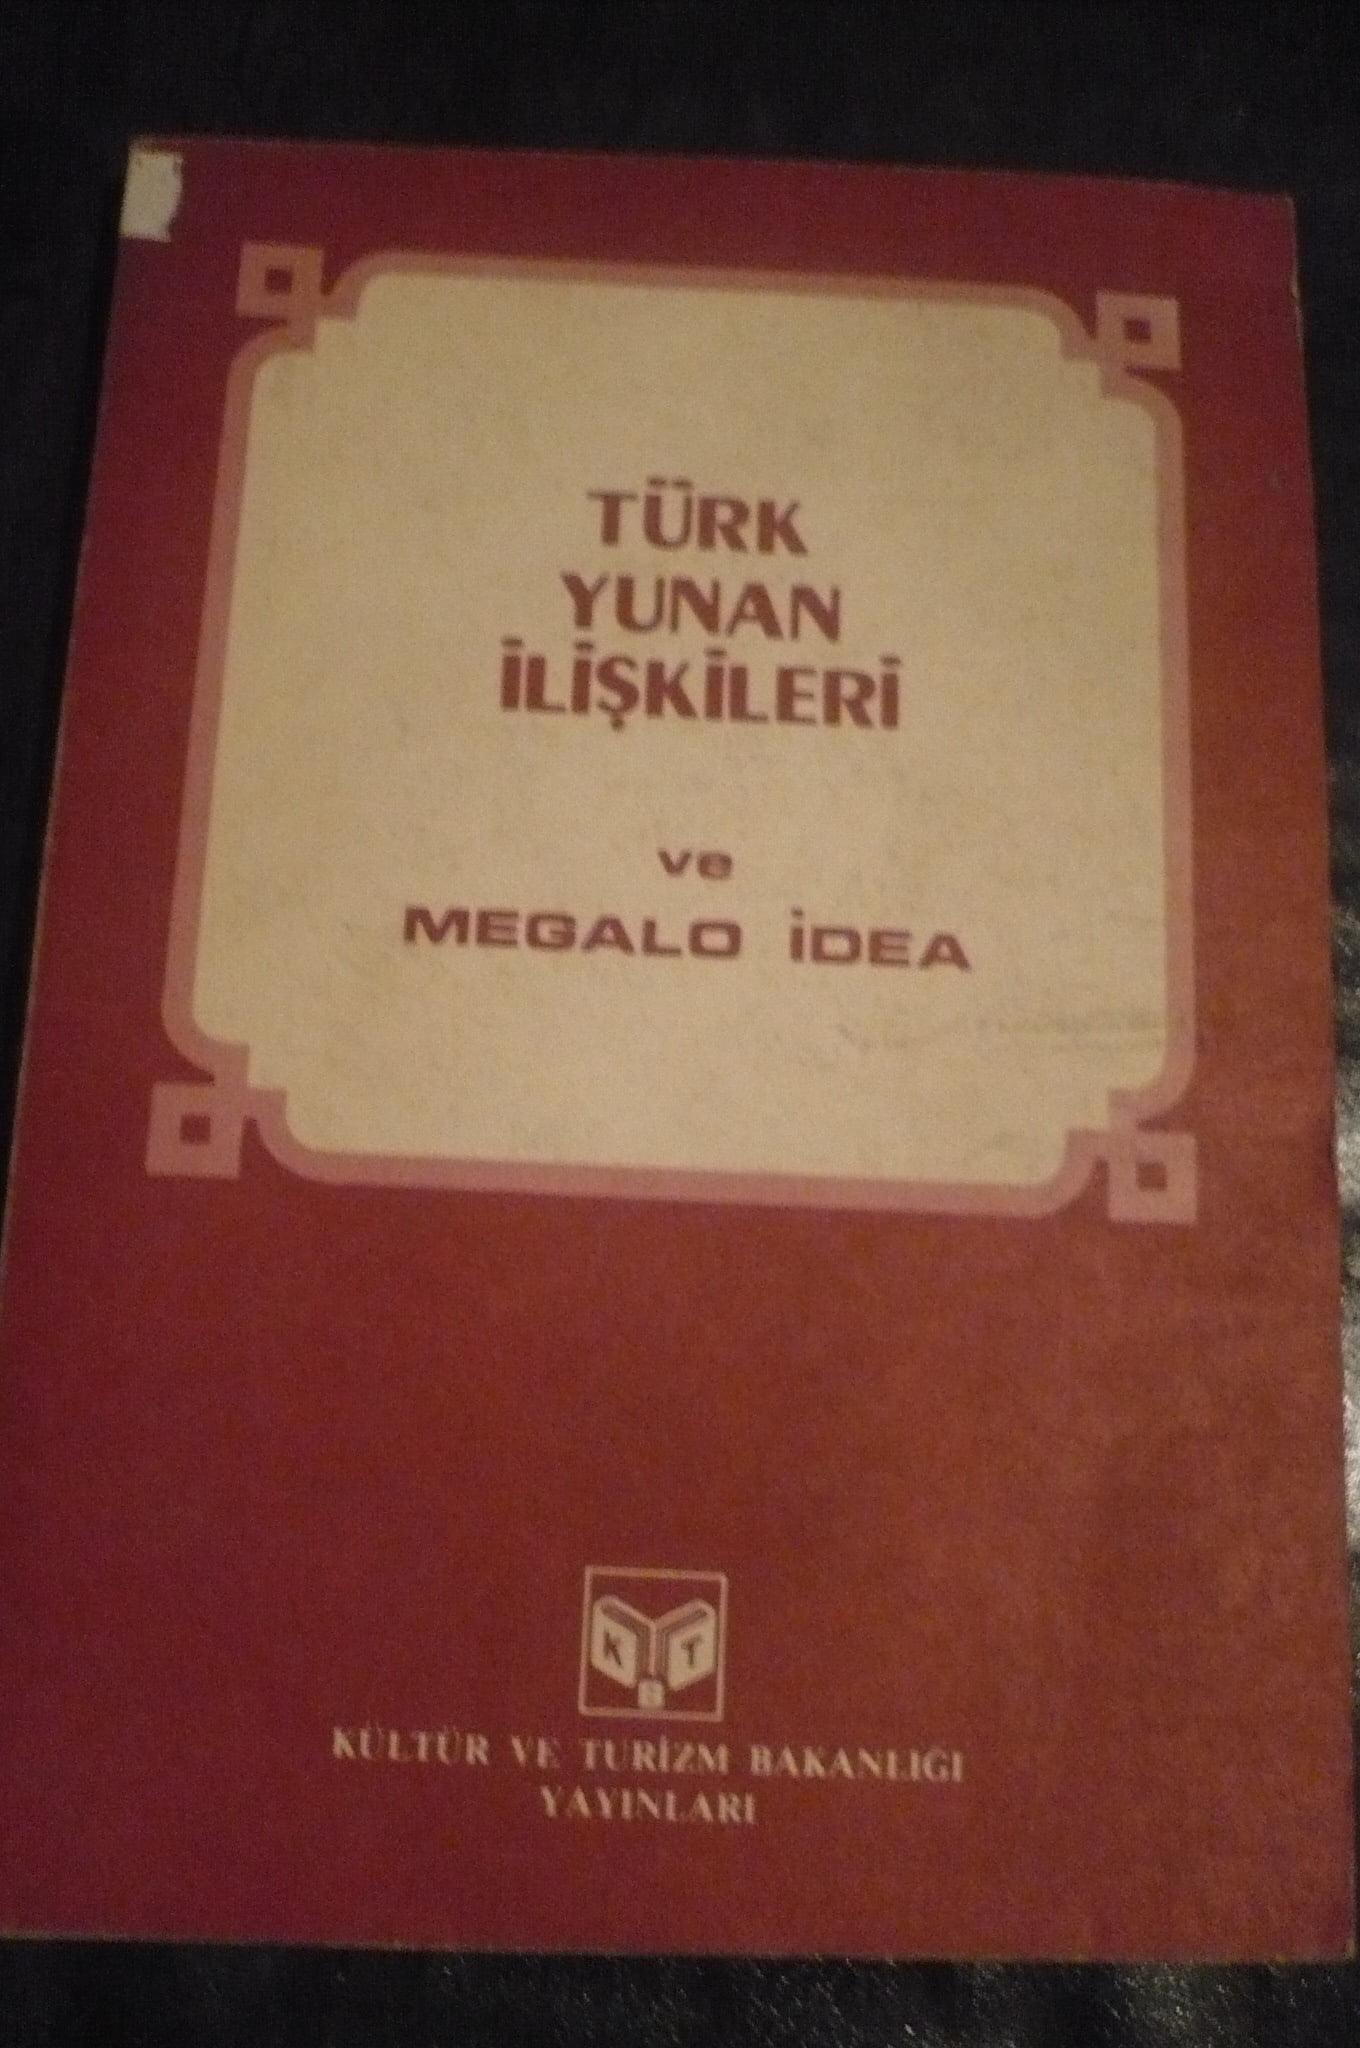 TÜRK YUNAN İLİŞKİLERİ ve MEGOLA İDEA/ 10 tl